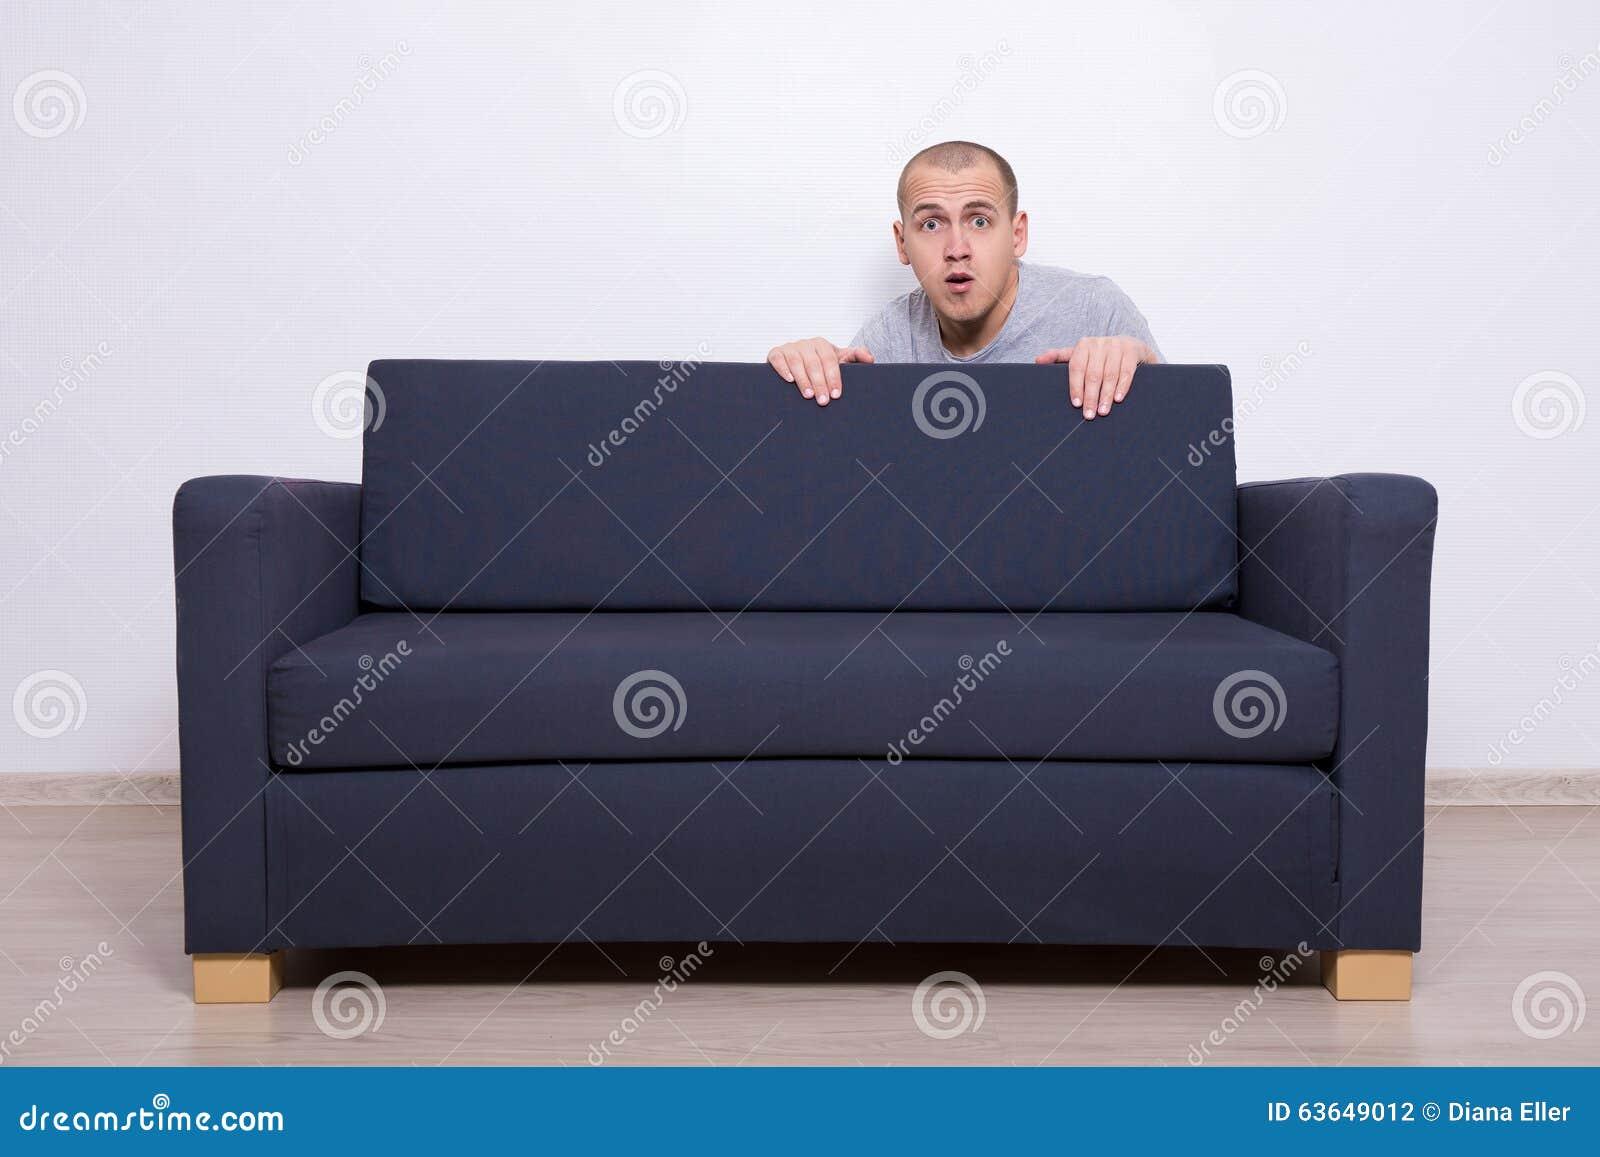 man sofa